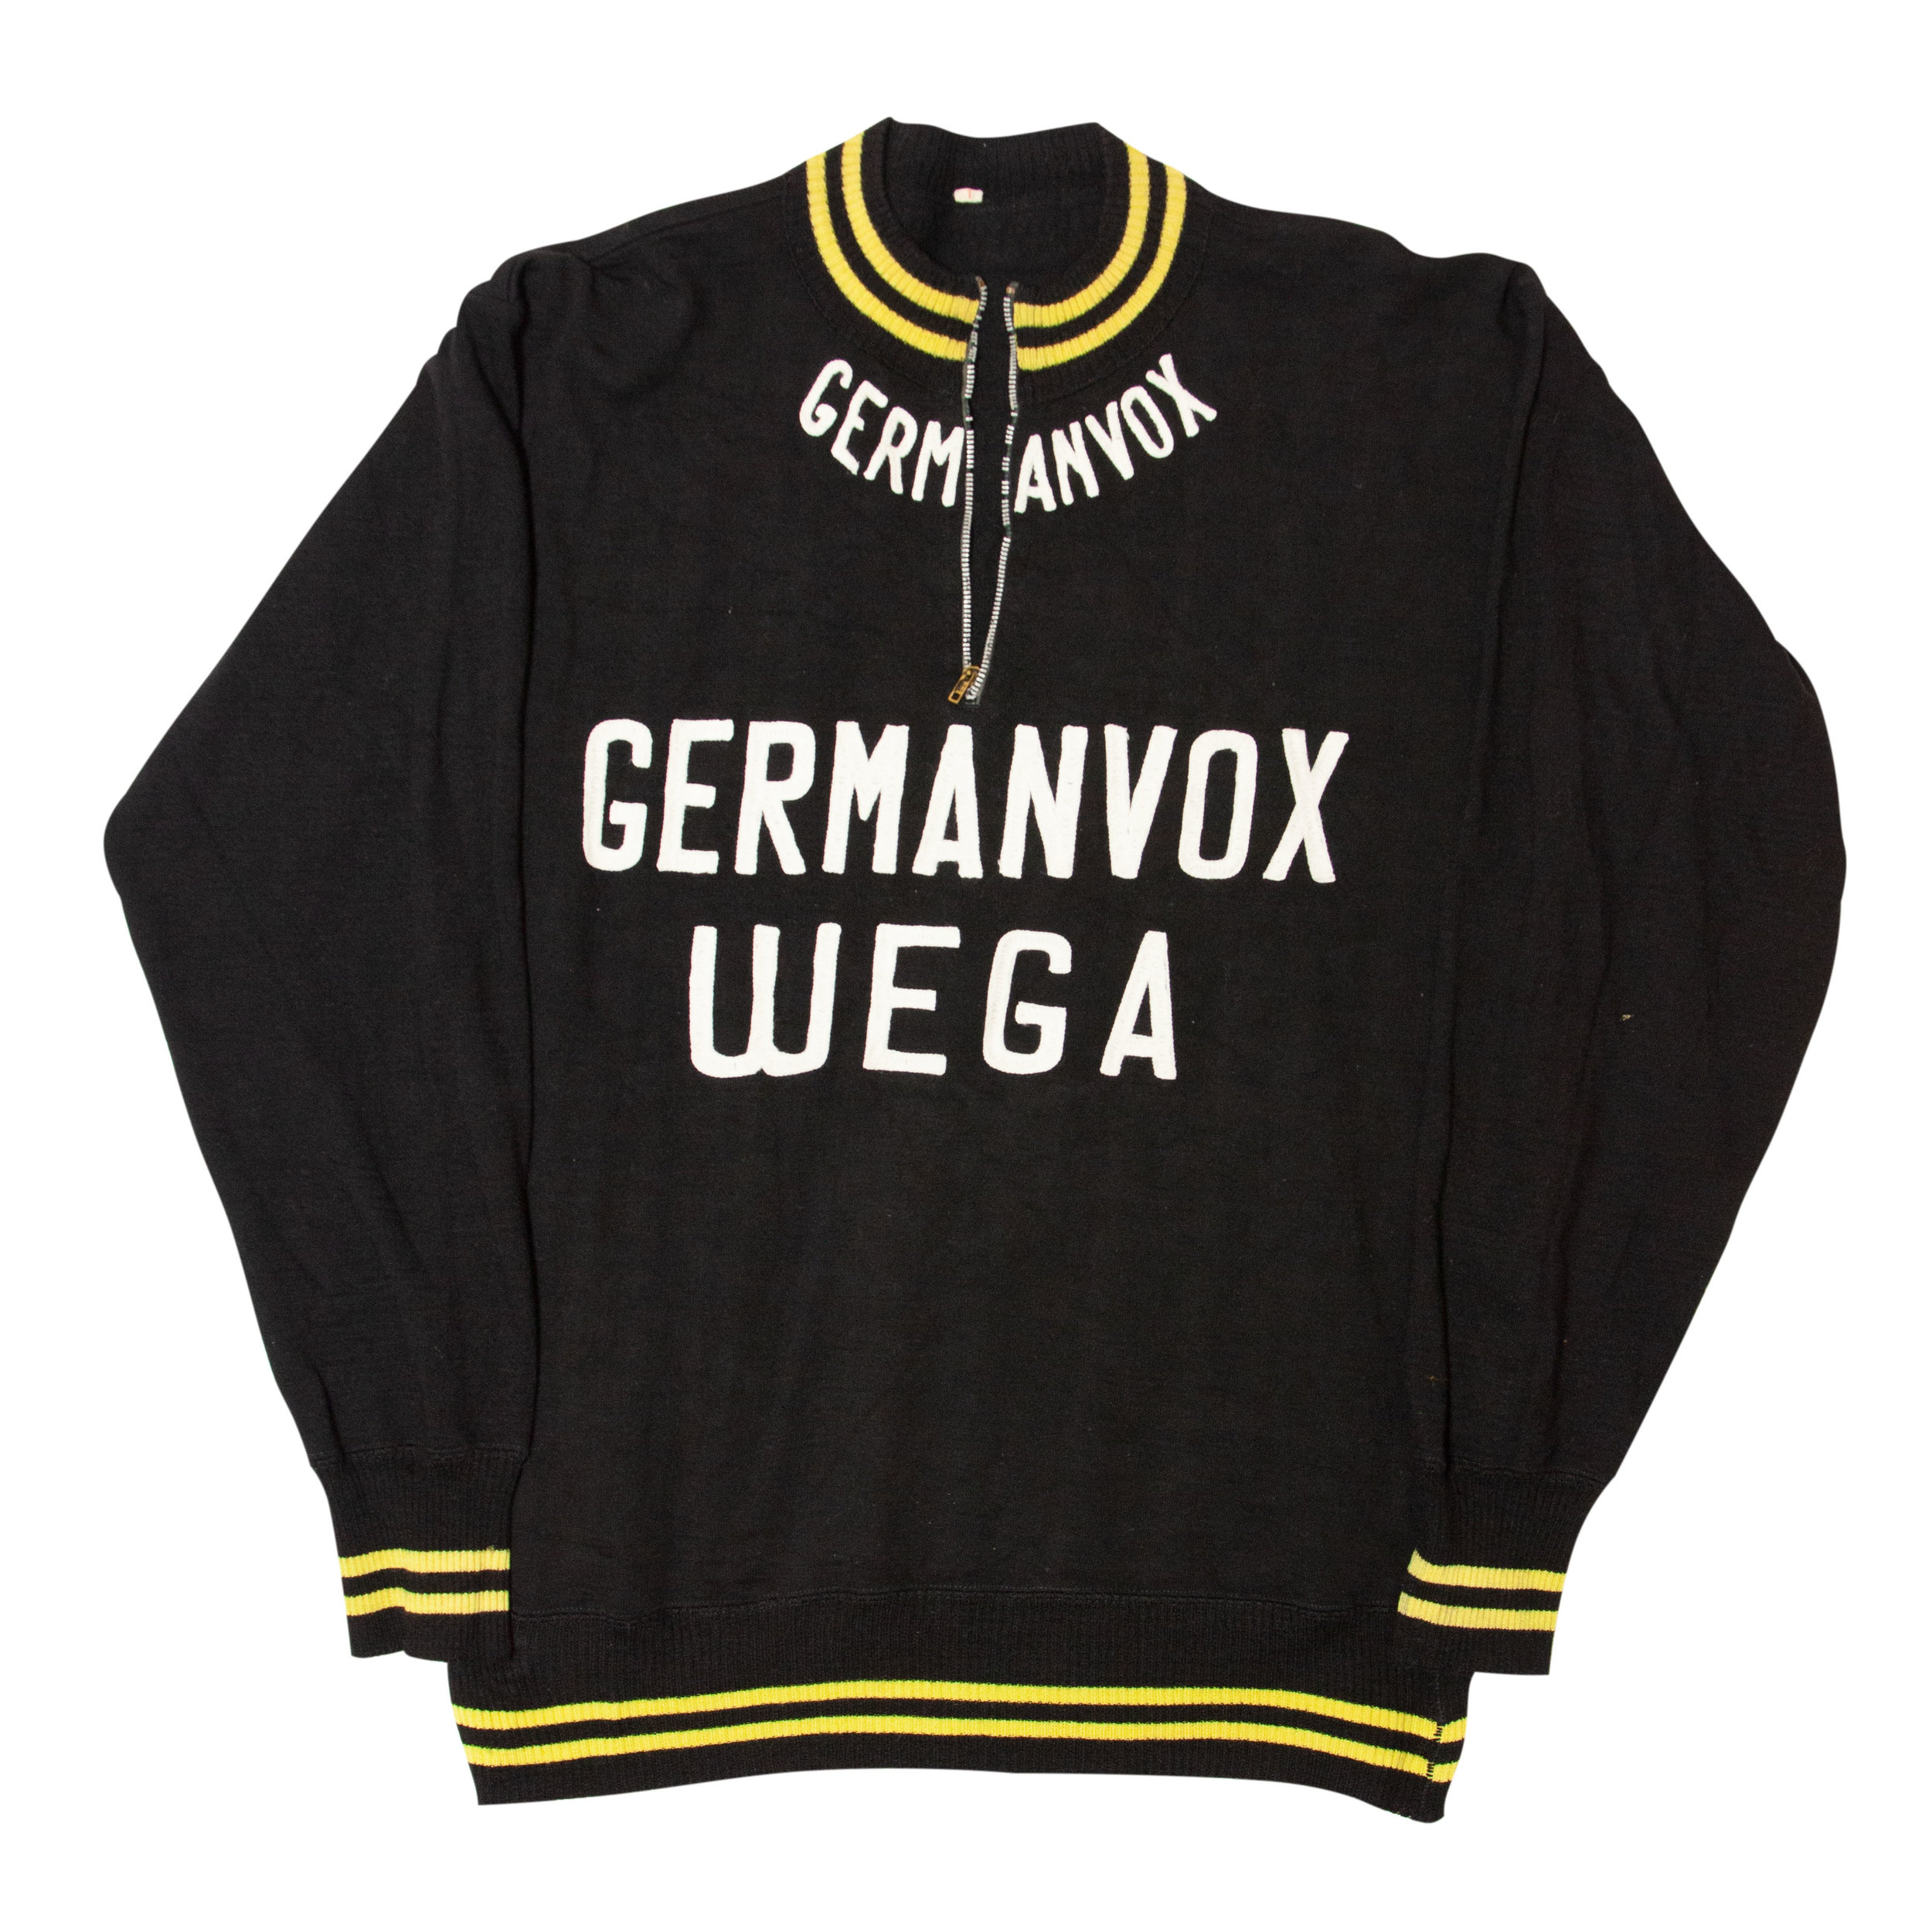 Germanvox-Wega.jpg